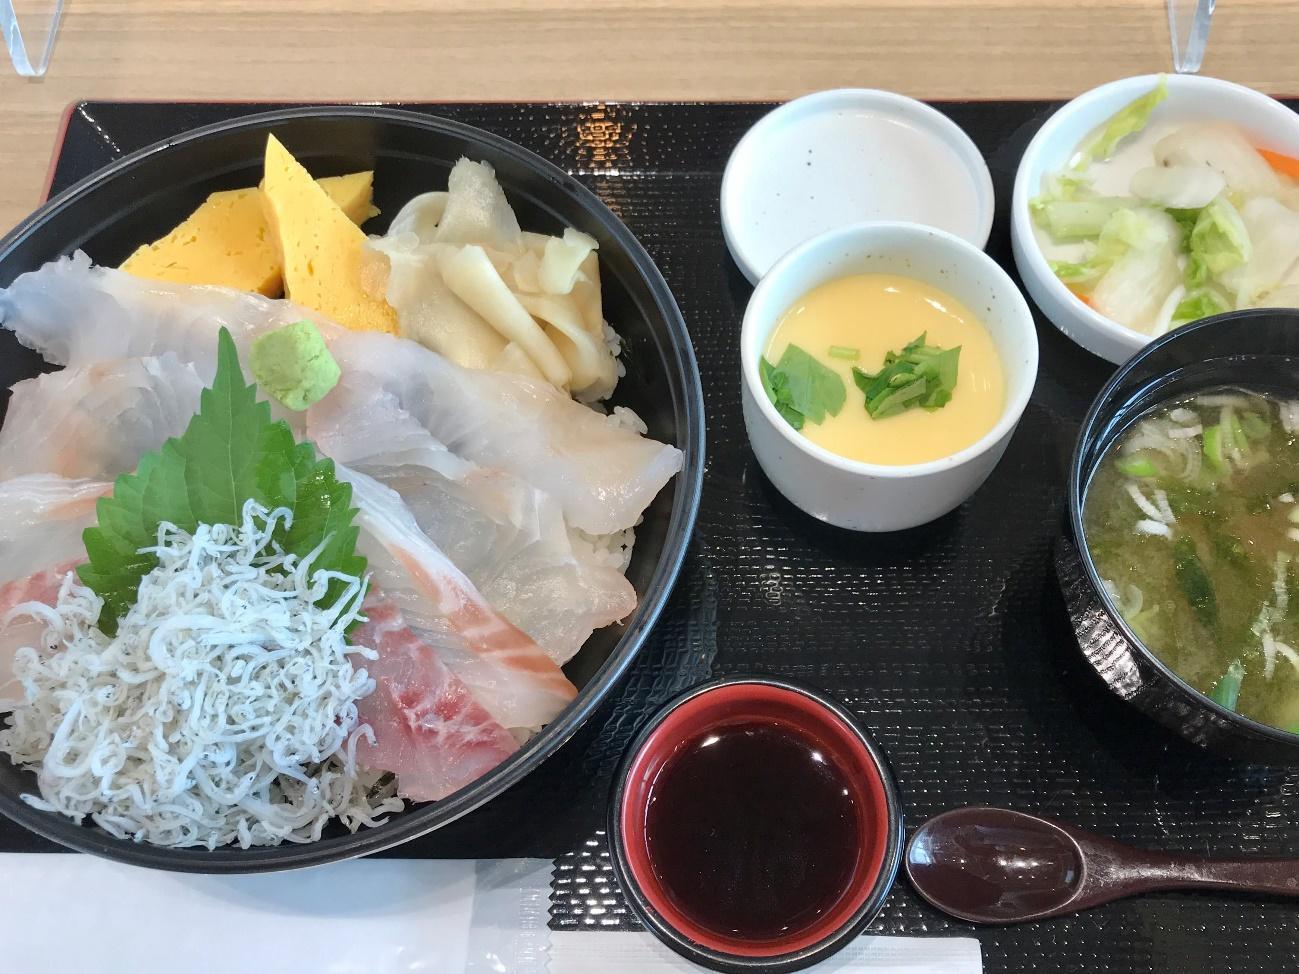 ヒラメやシラスが盛られた海鮮丼